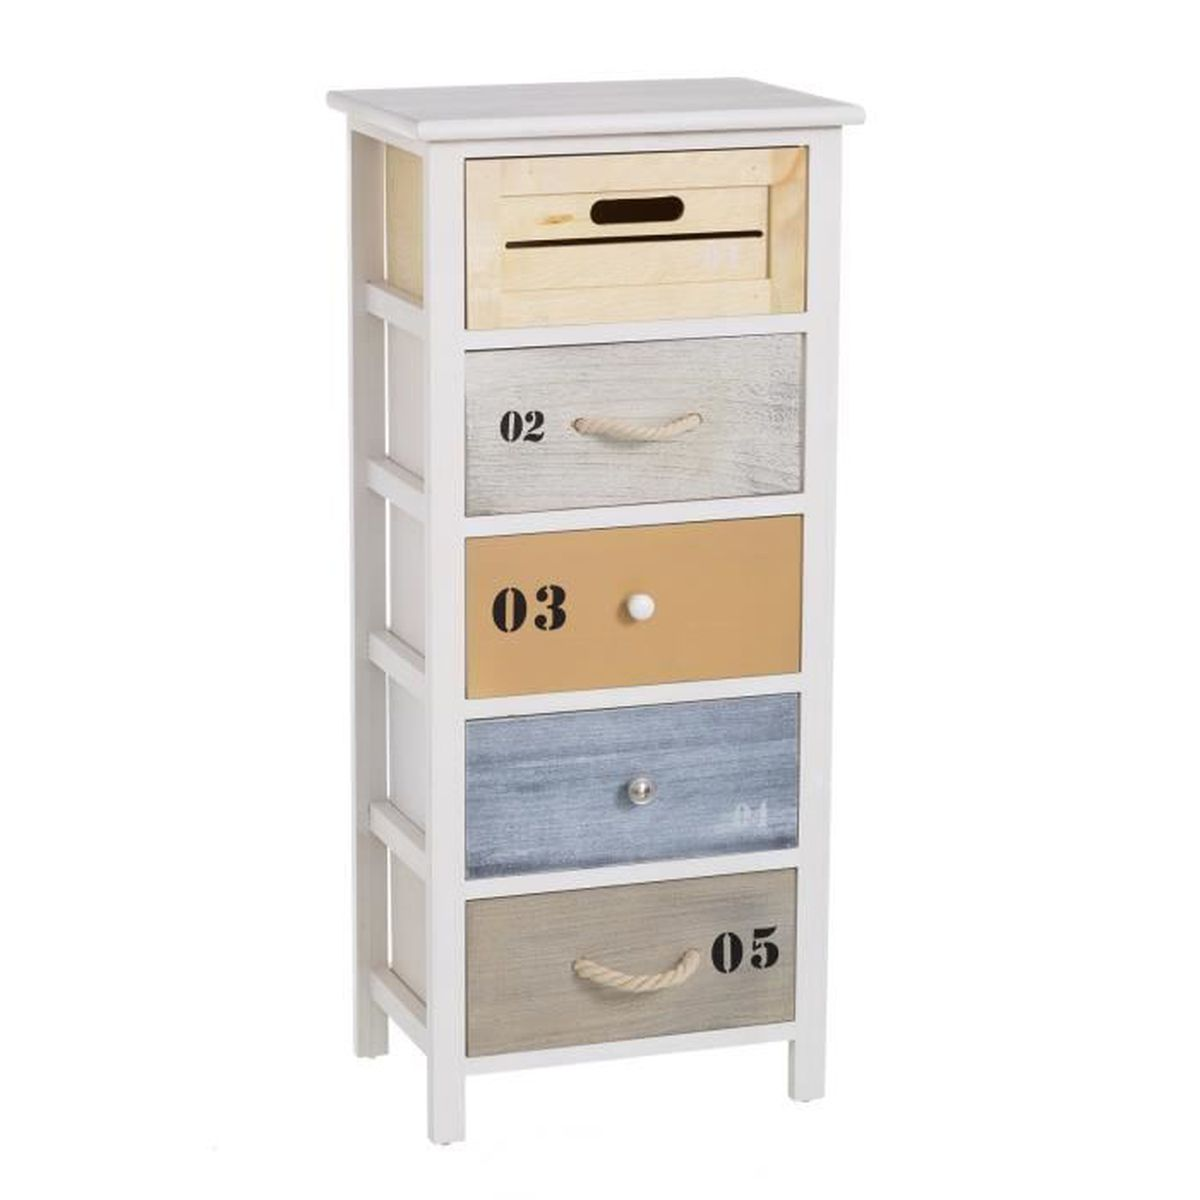 Meuble 5 tiroirs summer collection casaseleccion achat for Meuble 5 tiroirs